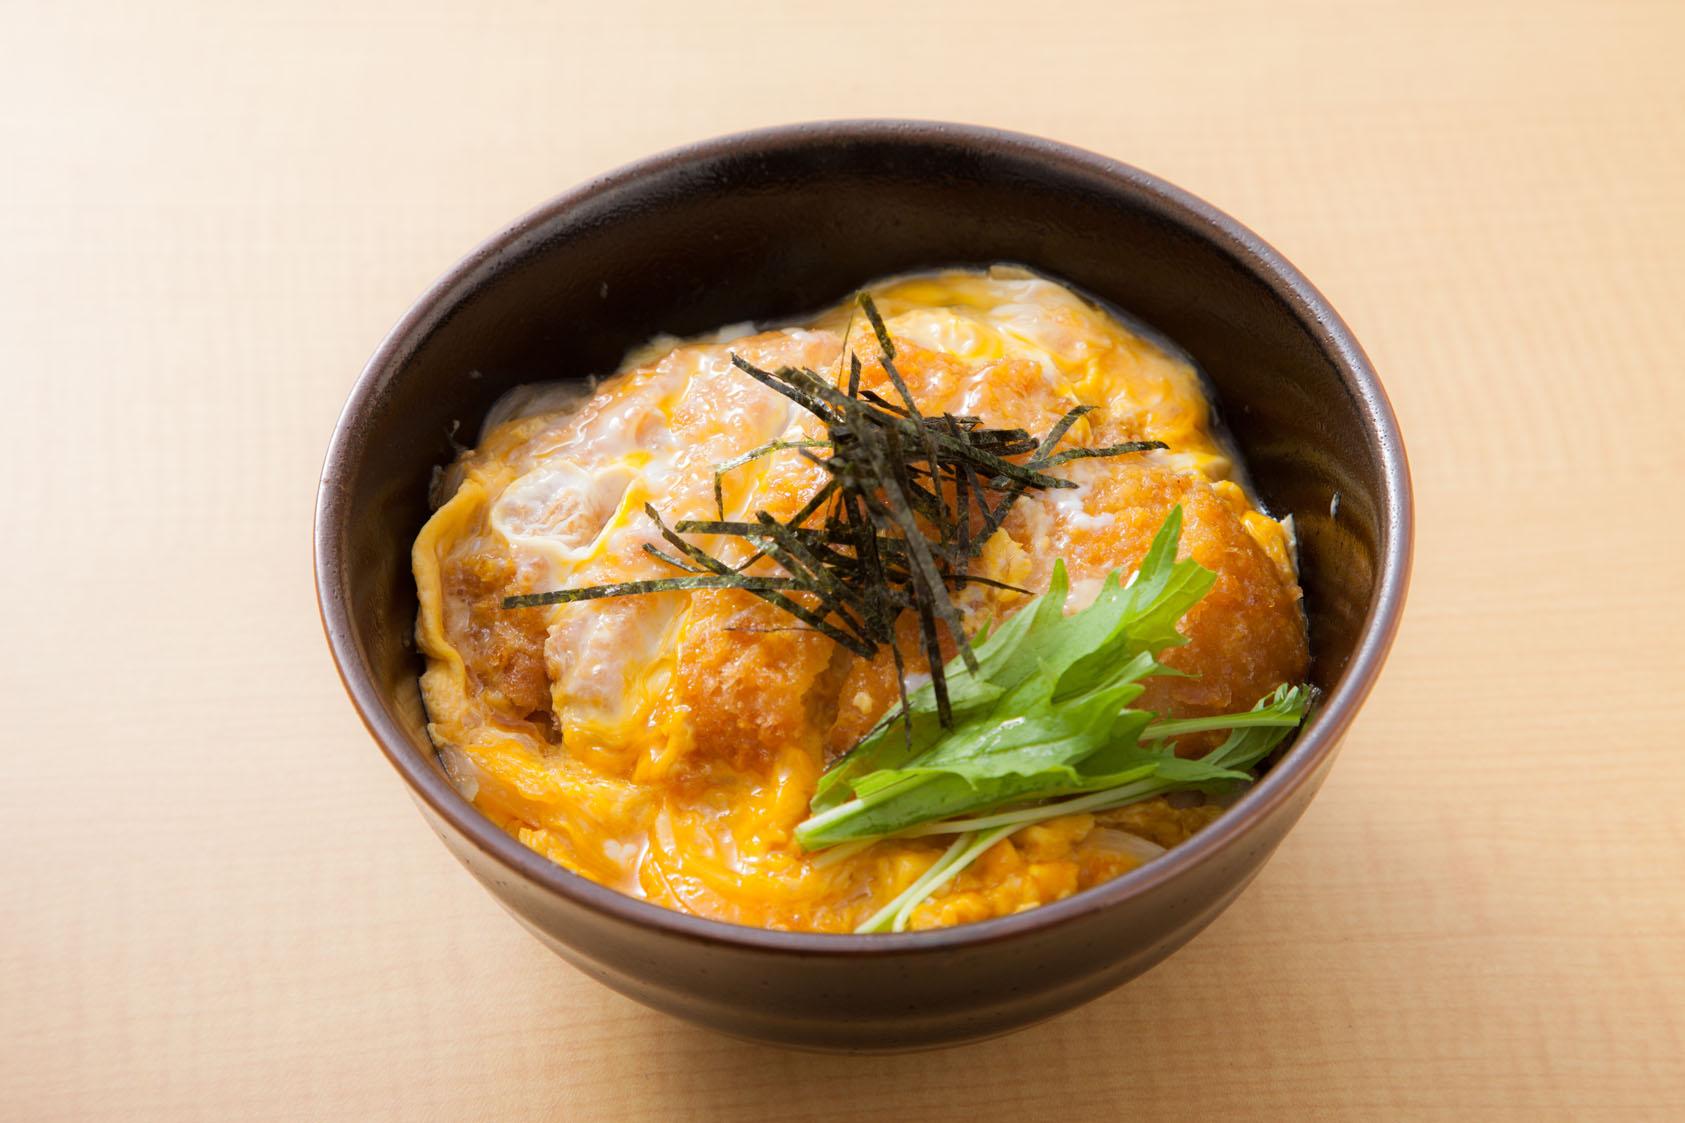 タレの浸み込んだカツ丼派?サクサクのカツ丼派?絶品カツ丼レシピのサムネイル画像